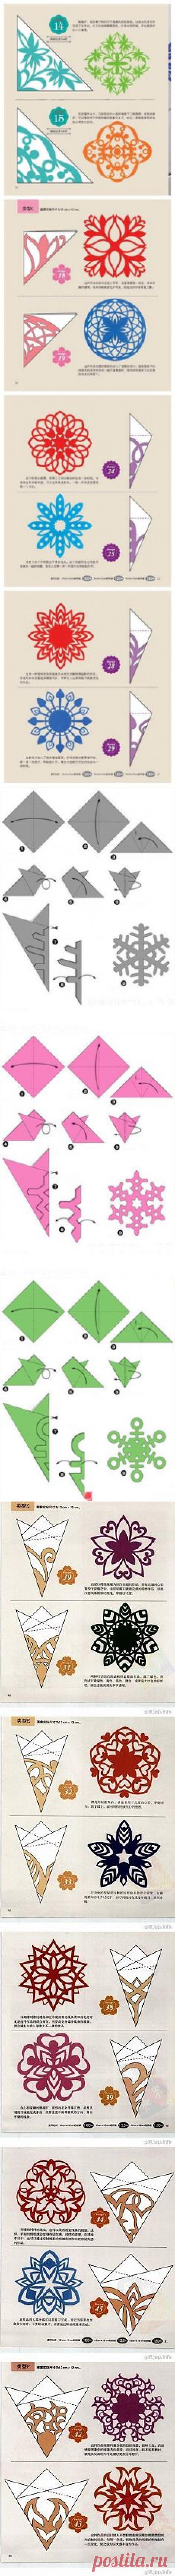 simge в Pinterest | Снежинки, Бумажные Снежинки и Бумага